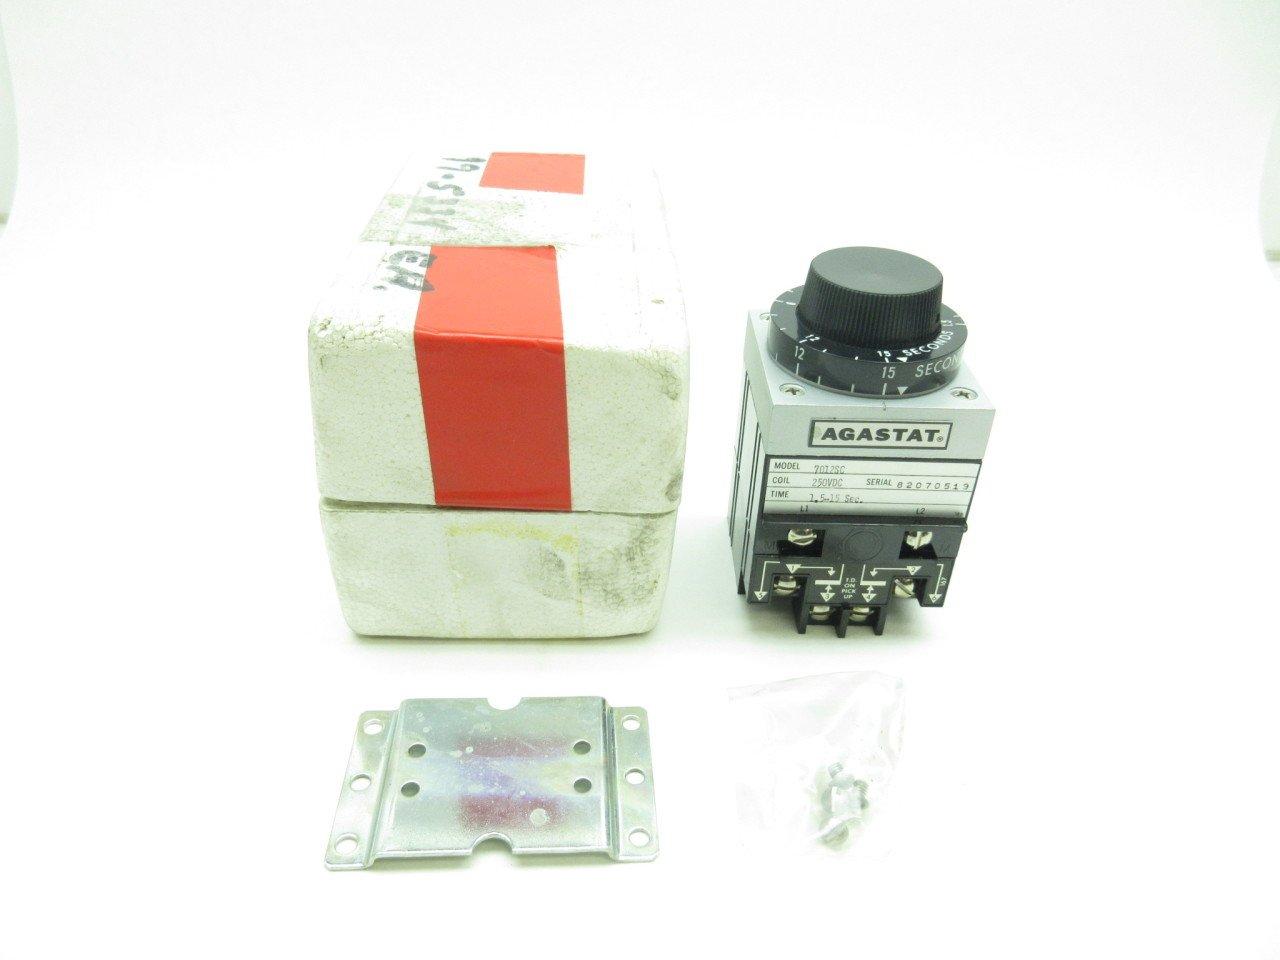 NEW AGASTAT 7012SC TIMING RELAY 1.5-15SEC 250V-DC D584115